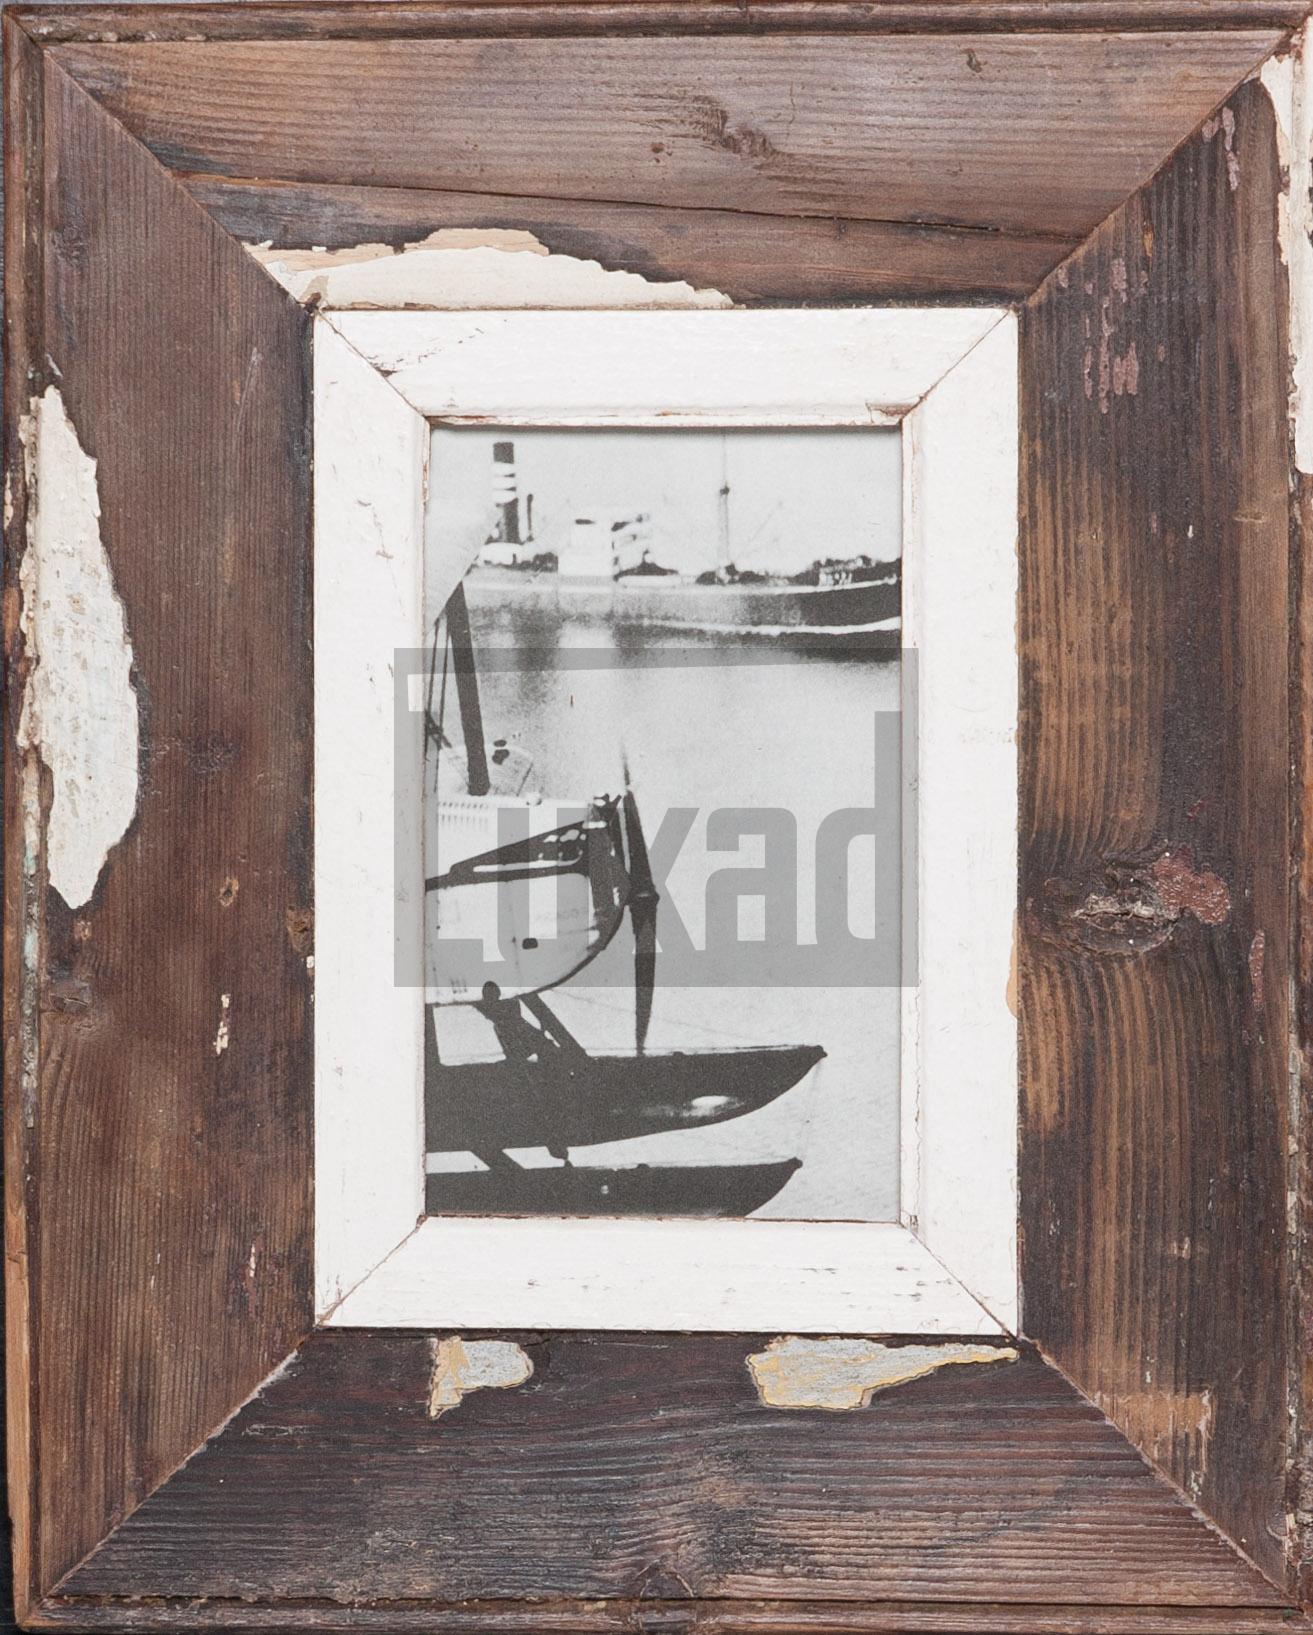 Holzbilderrahmen für Postkarten